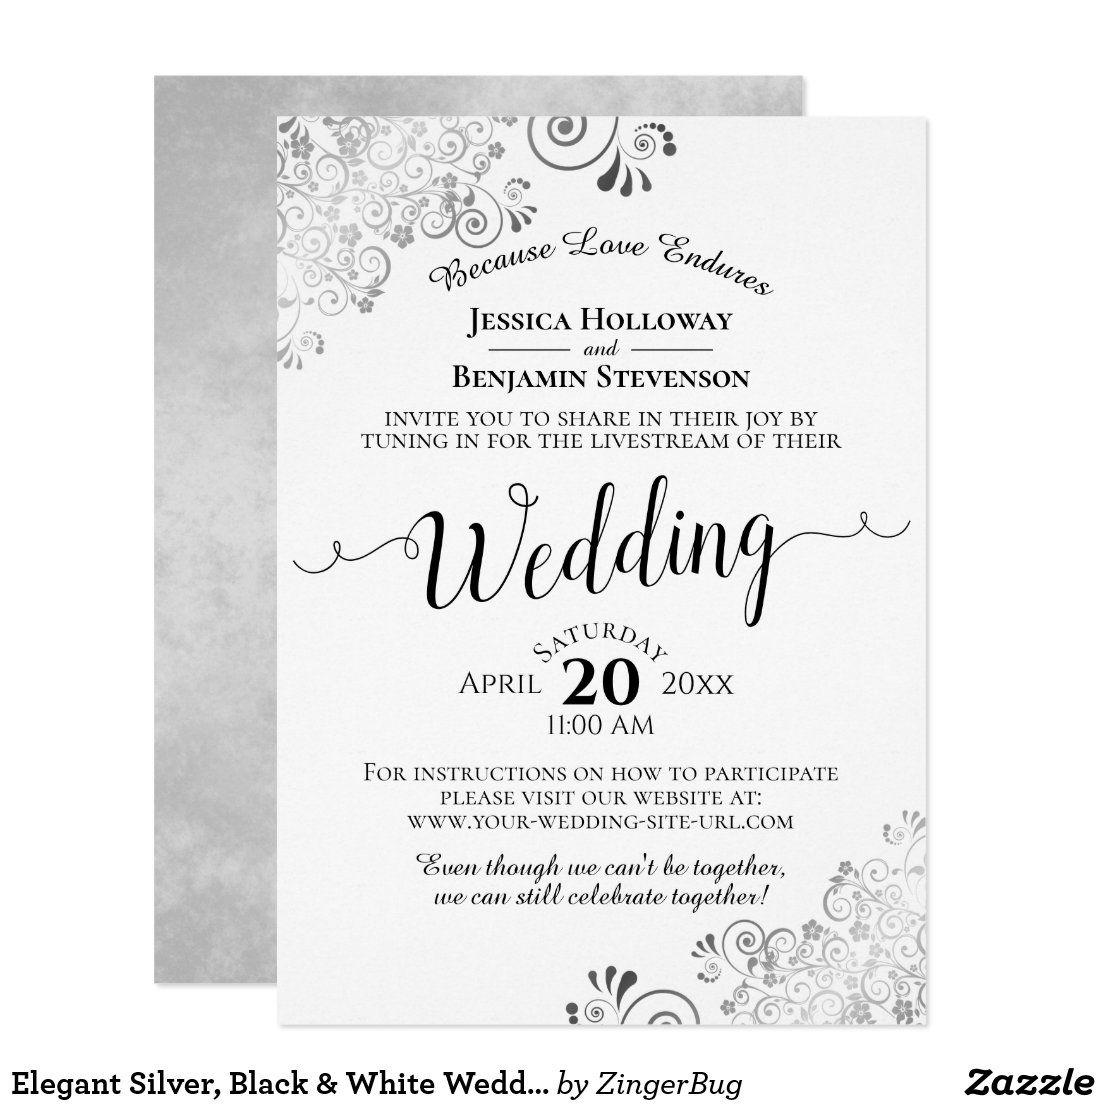 Elegant Silver, Black & White Wedding Livestream